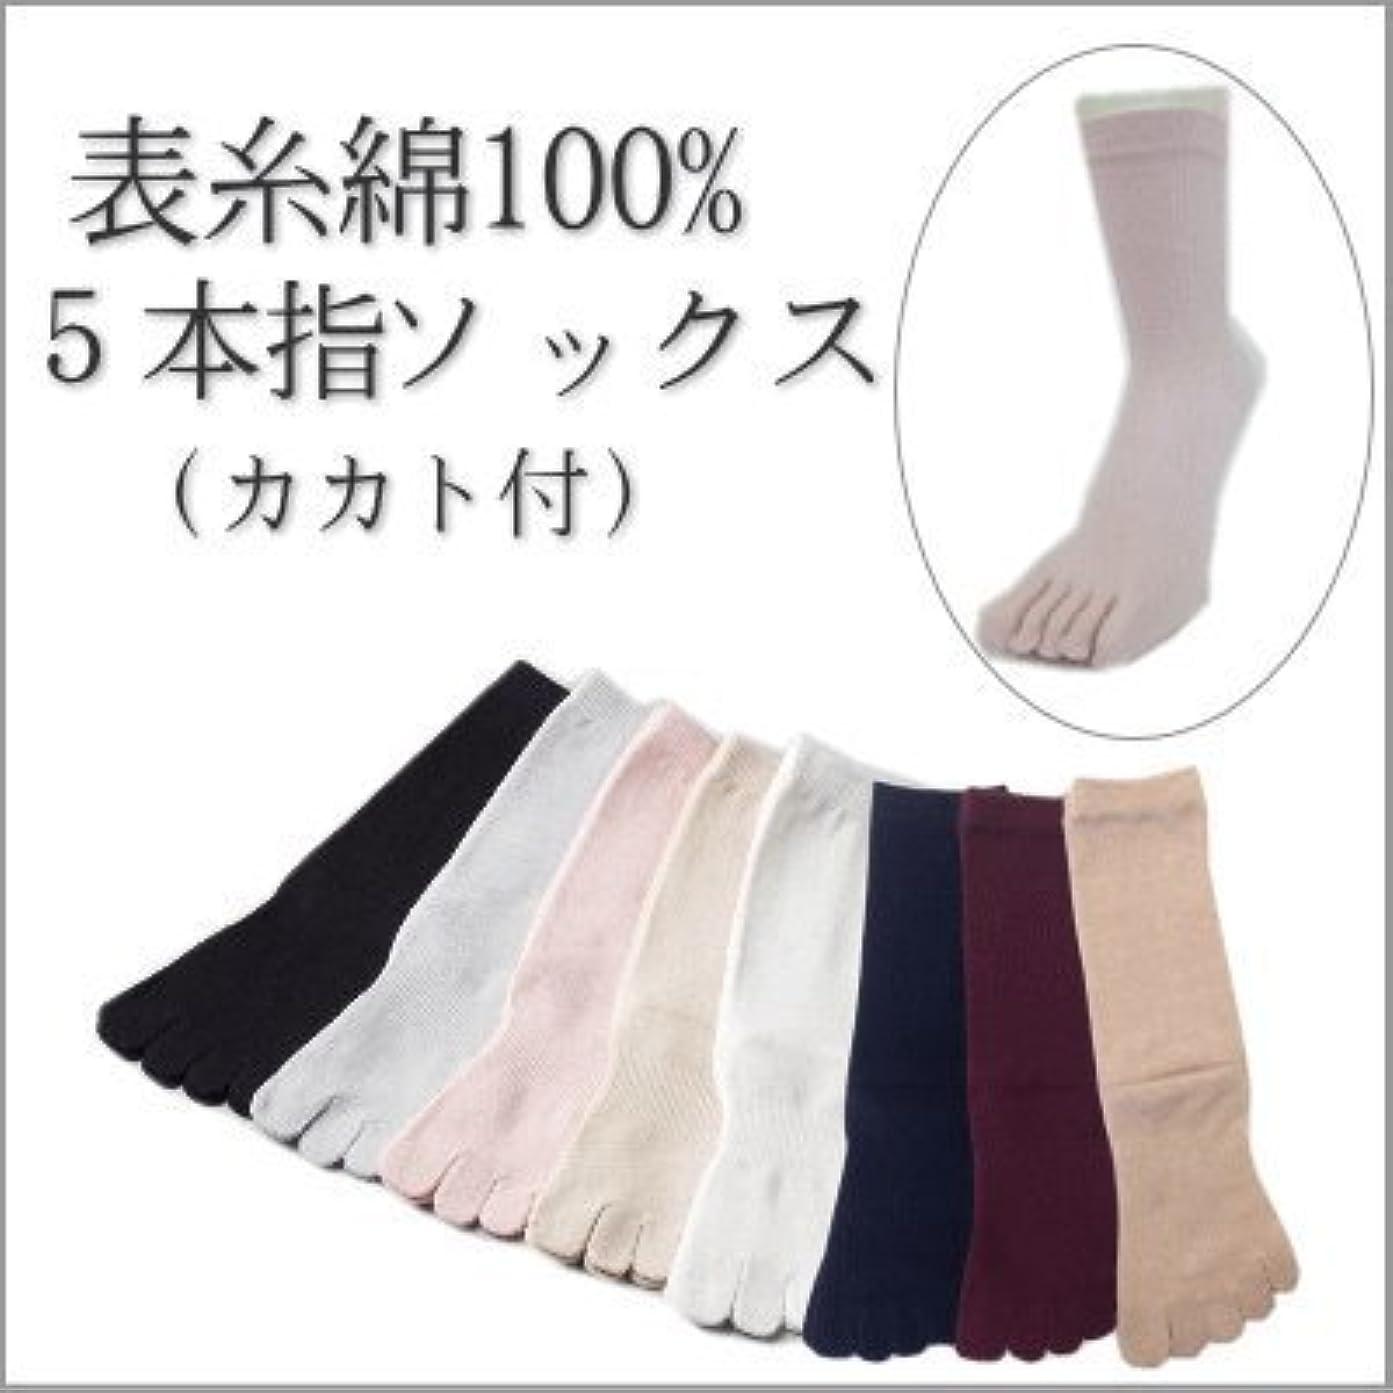 叱る味付け紳士女性用 5本指 ソックス 抗菌防臭 加工 綿100%糸使用 老舗 靴下 メーカーのこだわり 23-25cm 太陽ニット 320(ホワイト)